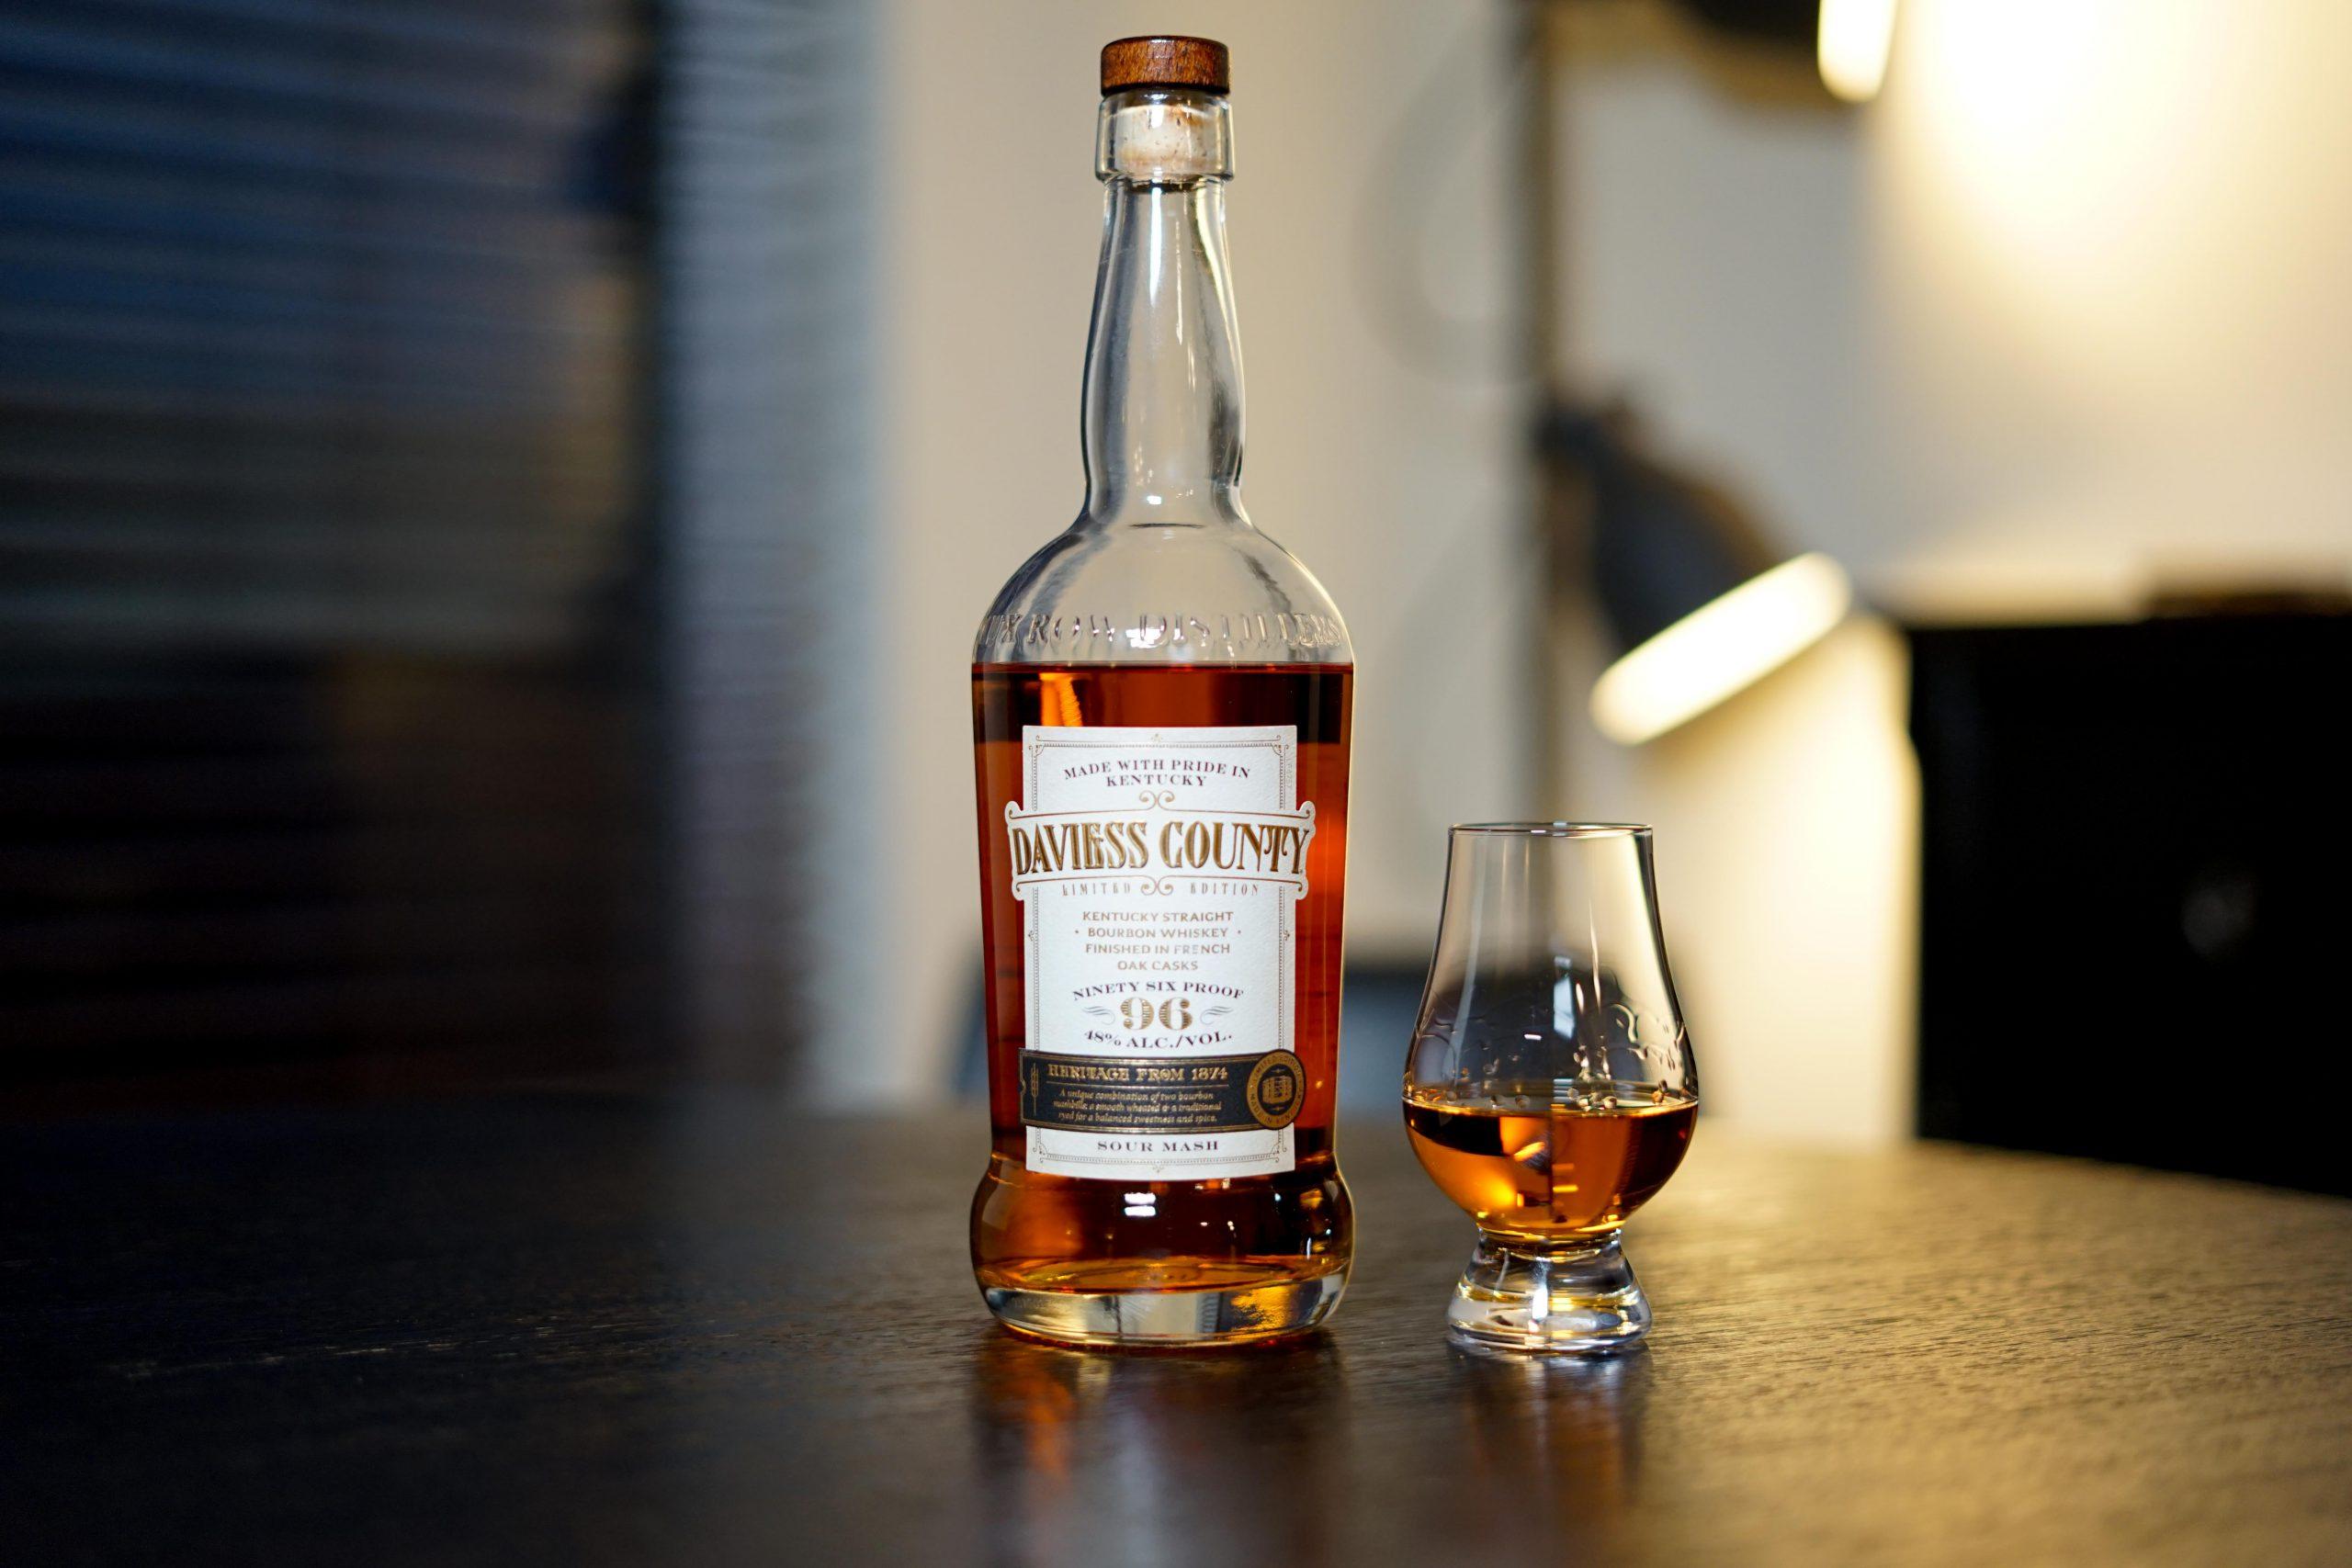 Daviess County French Oak Finished Bourbon